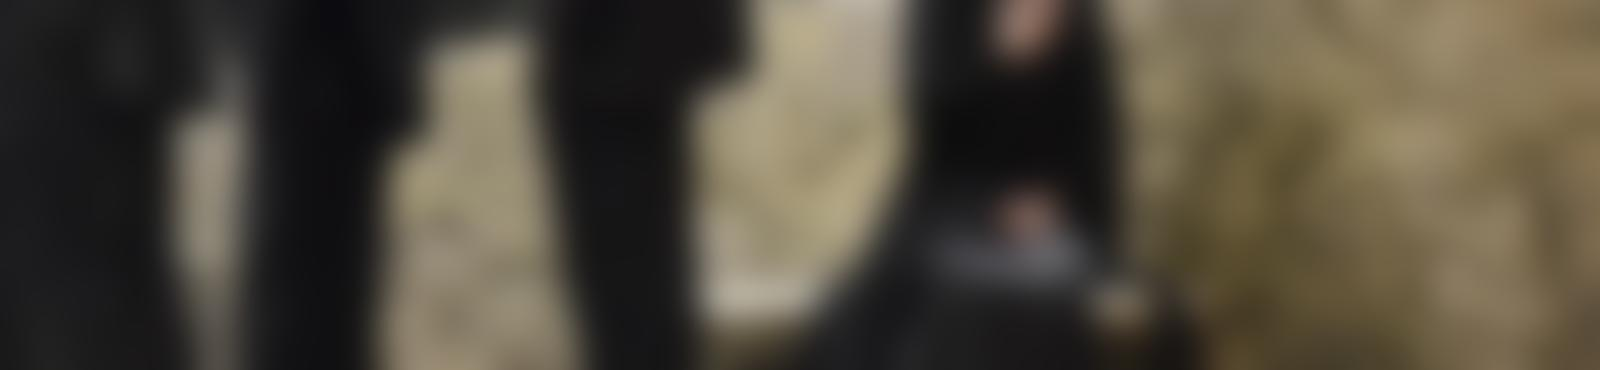 Blurred 7f9fe304 ceba 4973 ac7f 51d8ecf87b6f